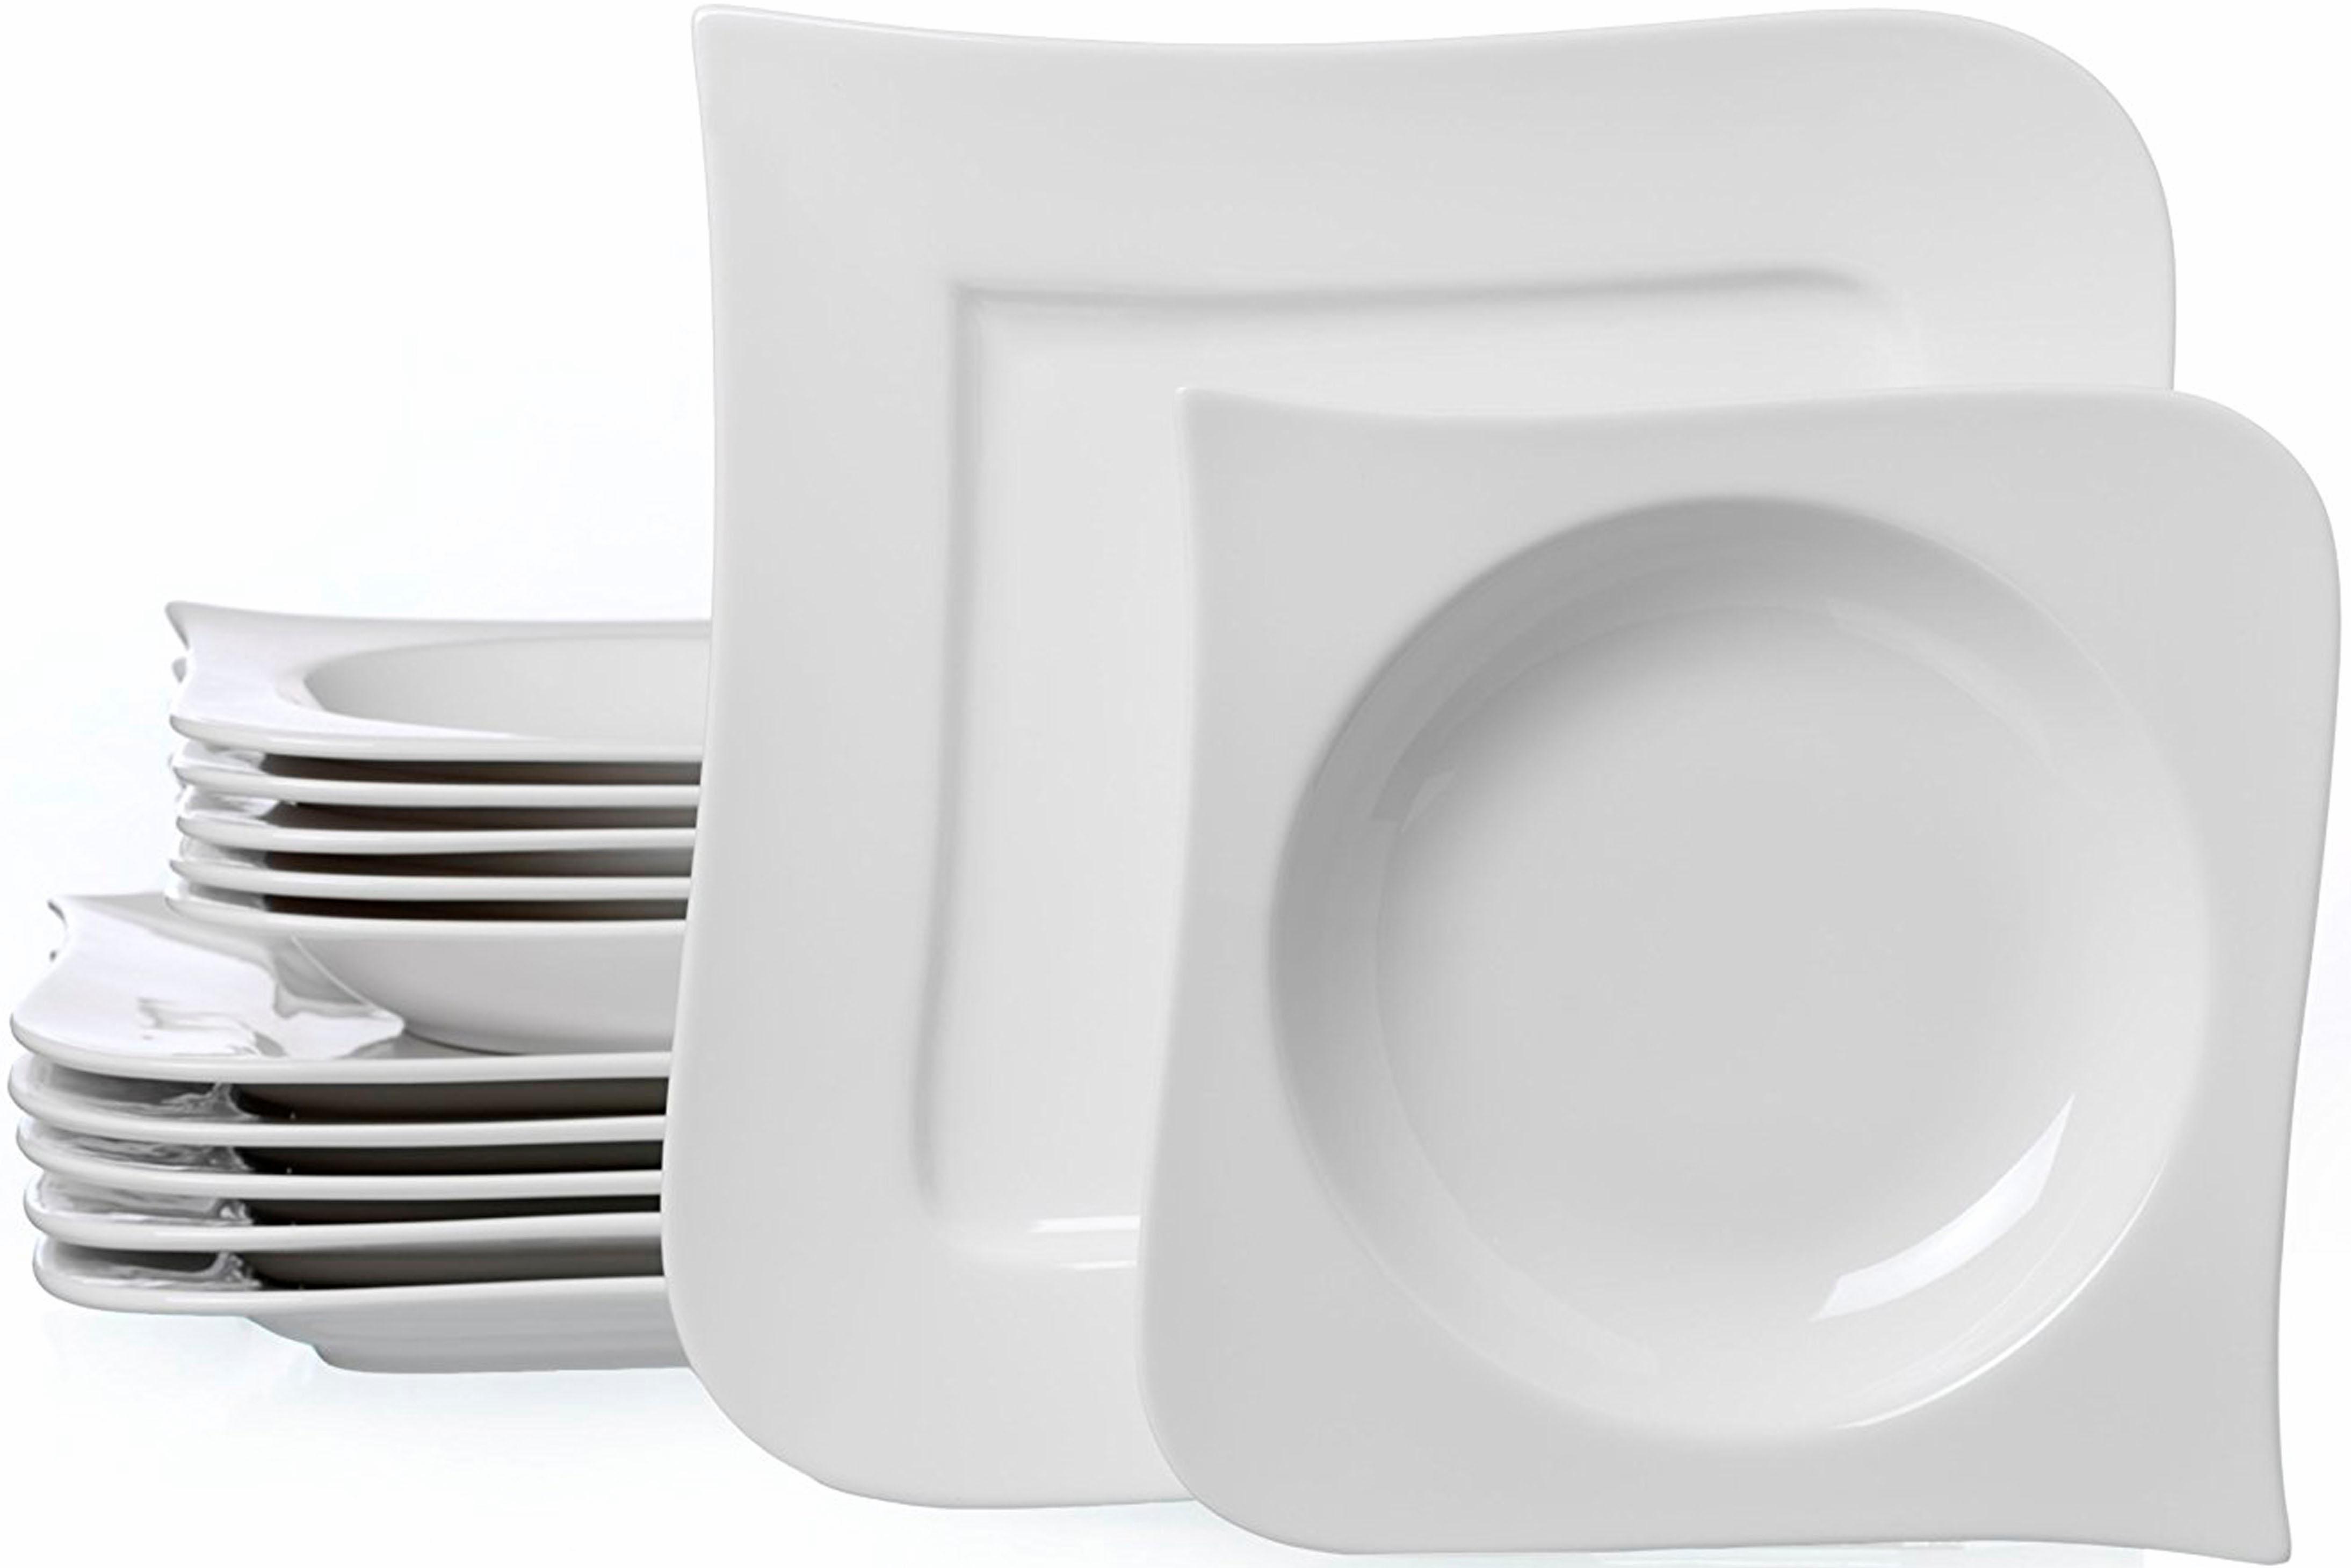 Ritzenhoff & Breker Tafelservice Melodie, (Set, 12 tlg.), Spülmaschinengeeignet weiß Geschirr-Sets Geschirr, Porzellan Tischaccessoires Haushaltswaren